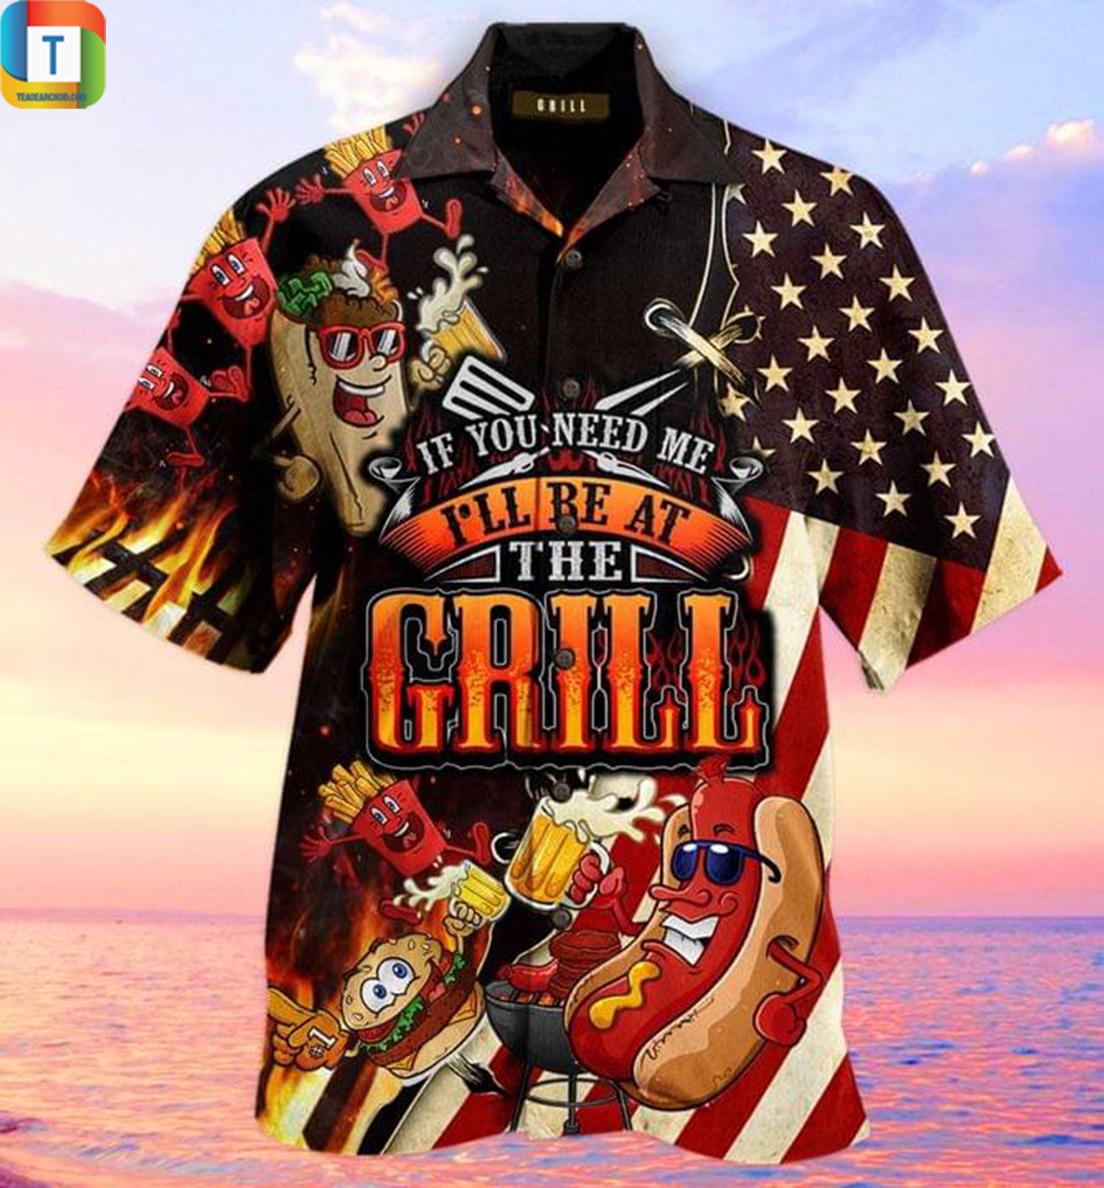 If you need me I'll be at the Grill hawaiian shirt